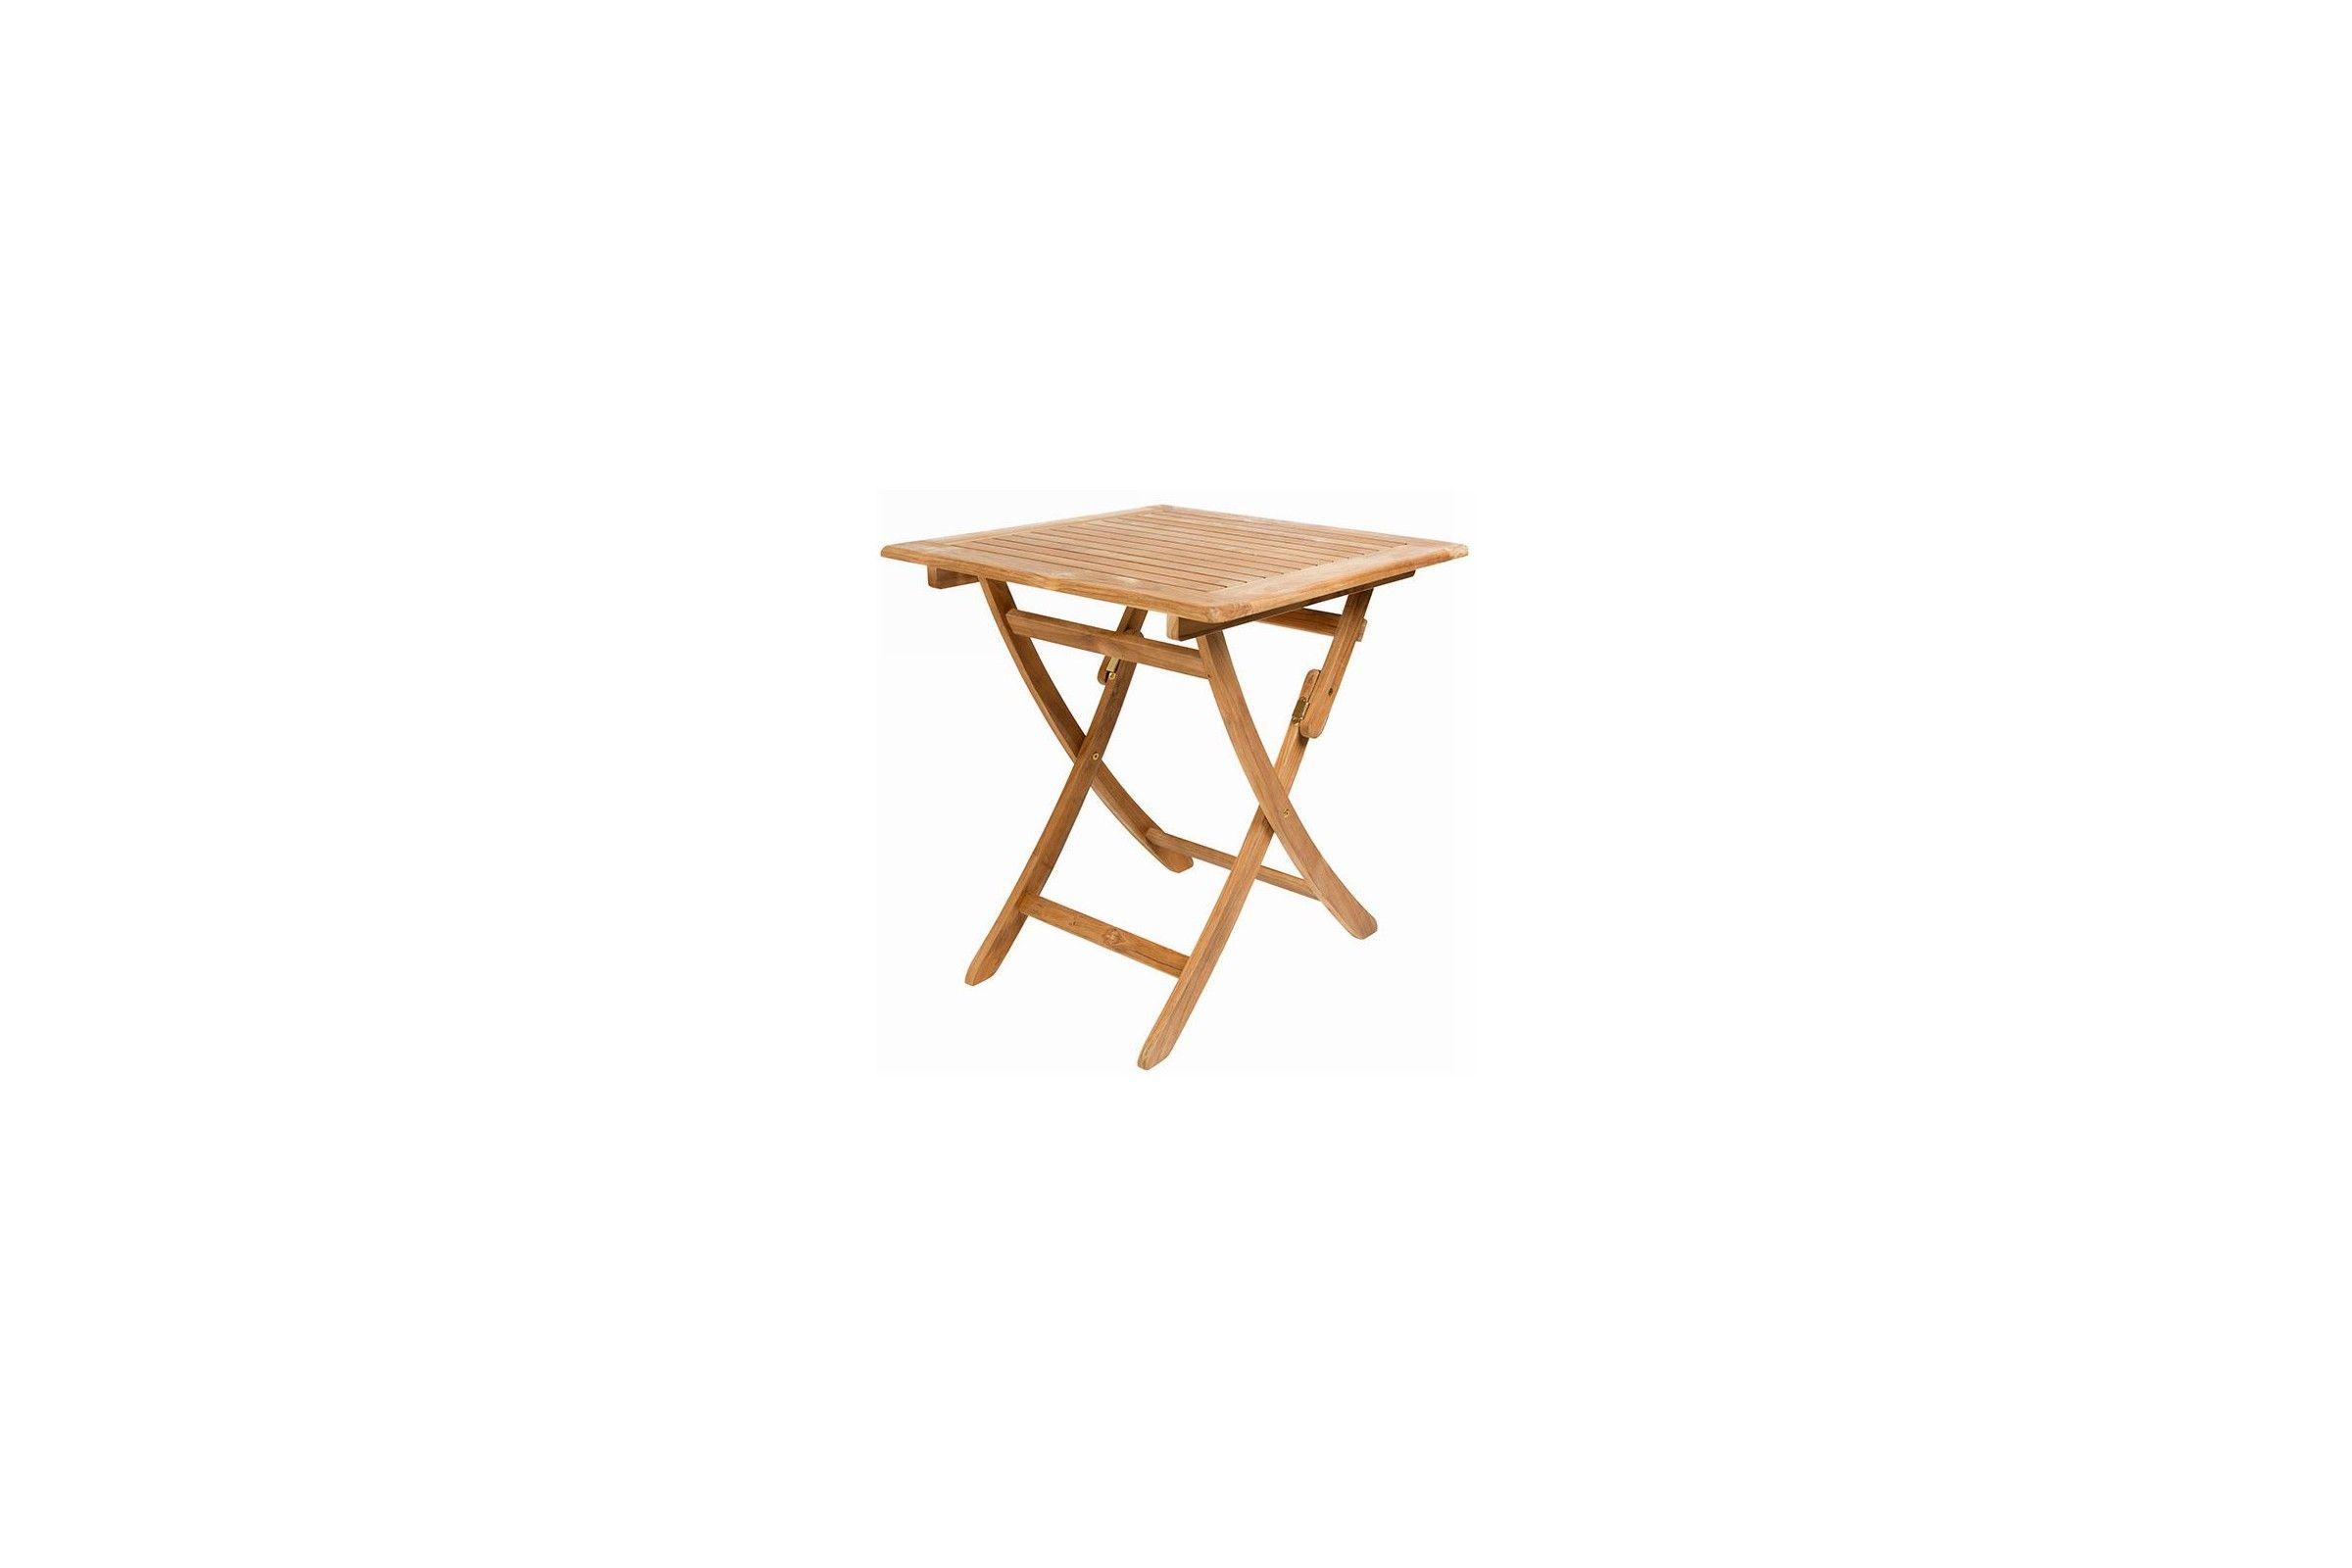 Petite table carr e 70 cm pliante en teck massif avignon for Table d appoint de jardin